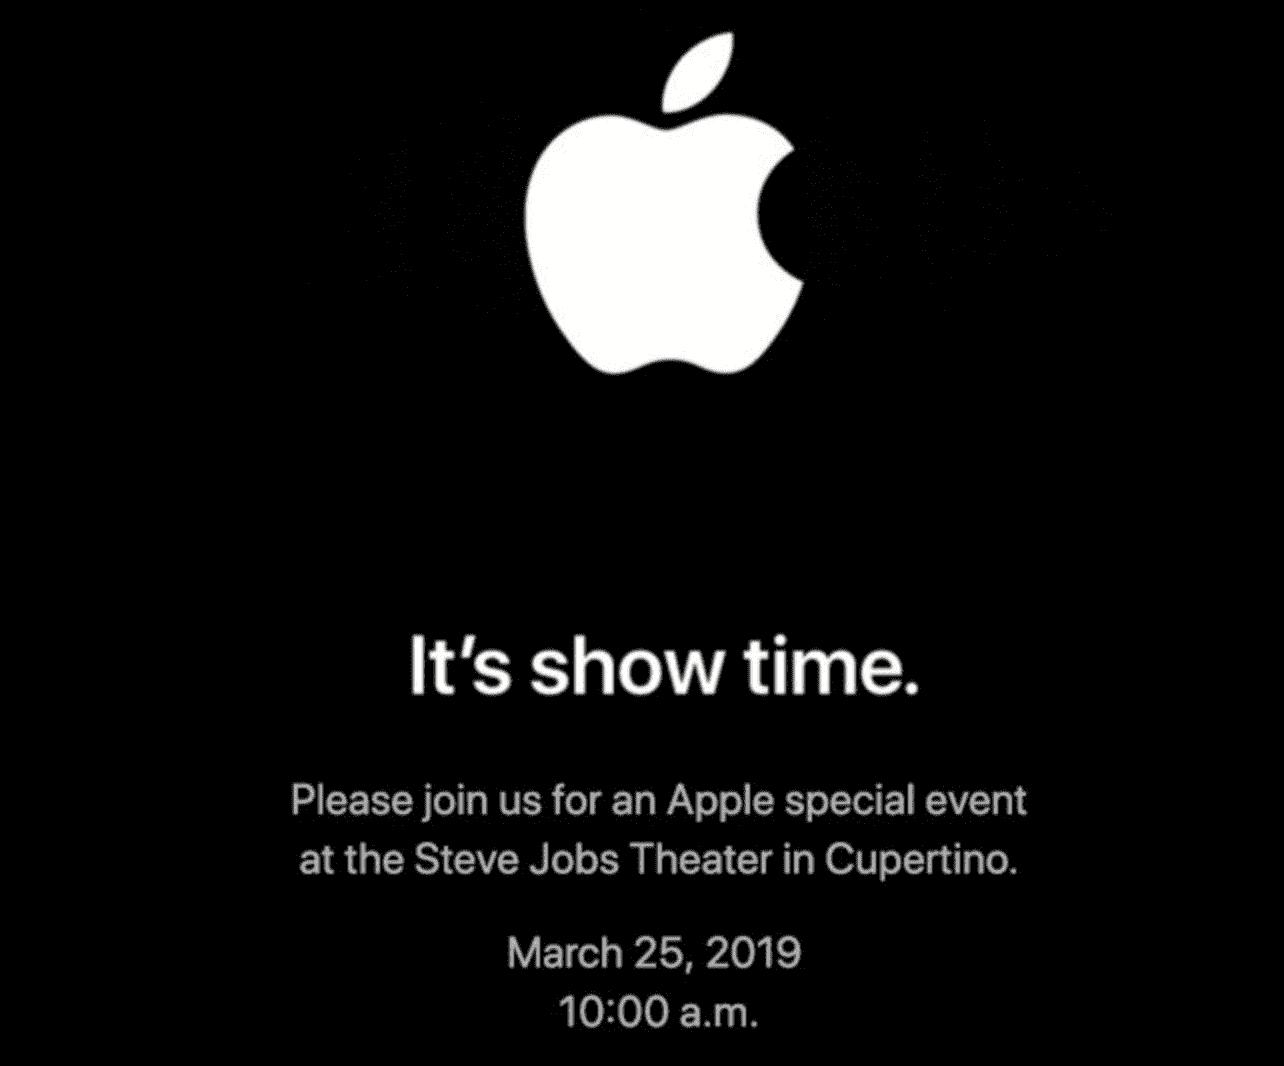 Konferencja Apple już dziś o godzinie 18 - gdzie i jak oglądać przekaz na żywo? polecane, ciekawostki wiosenna konferencja apple 2019, Steve Jobs Theater, przekaz na żywo, nowe usługi apple, na żywo, konferencja apple 2019, gdzie oglądać na żywo, Apple  Konferencja Apple już dziś o godzinie 18 - gdzie i jak oglądać przekaz na żywo? event 1